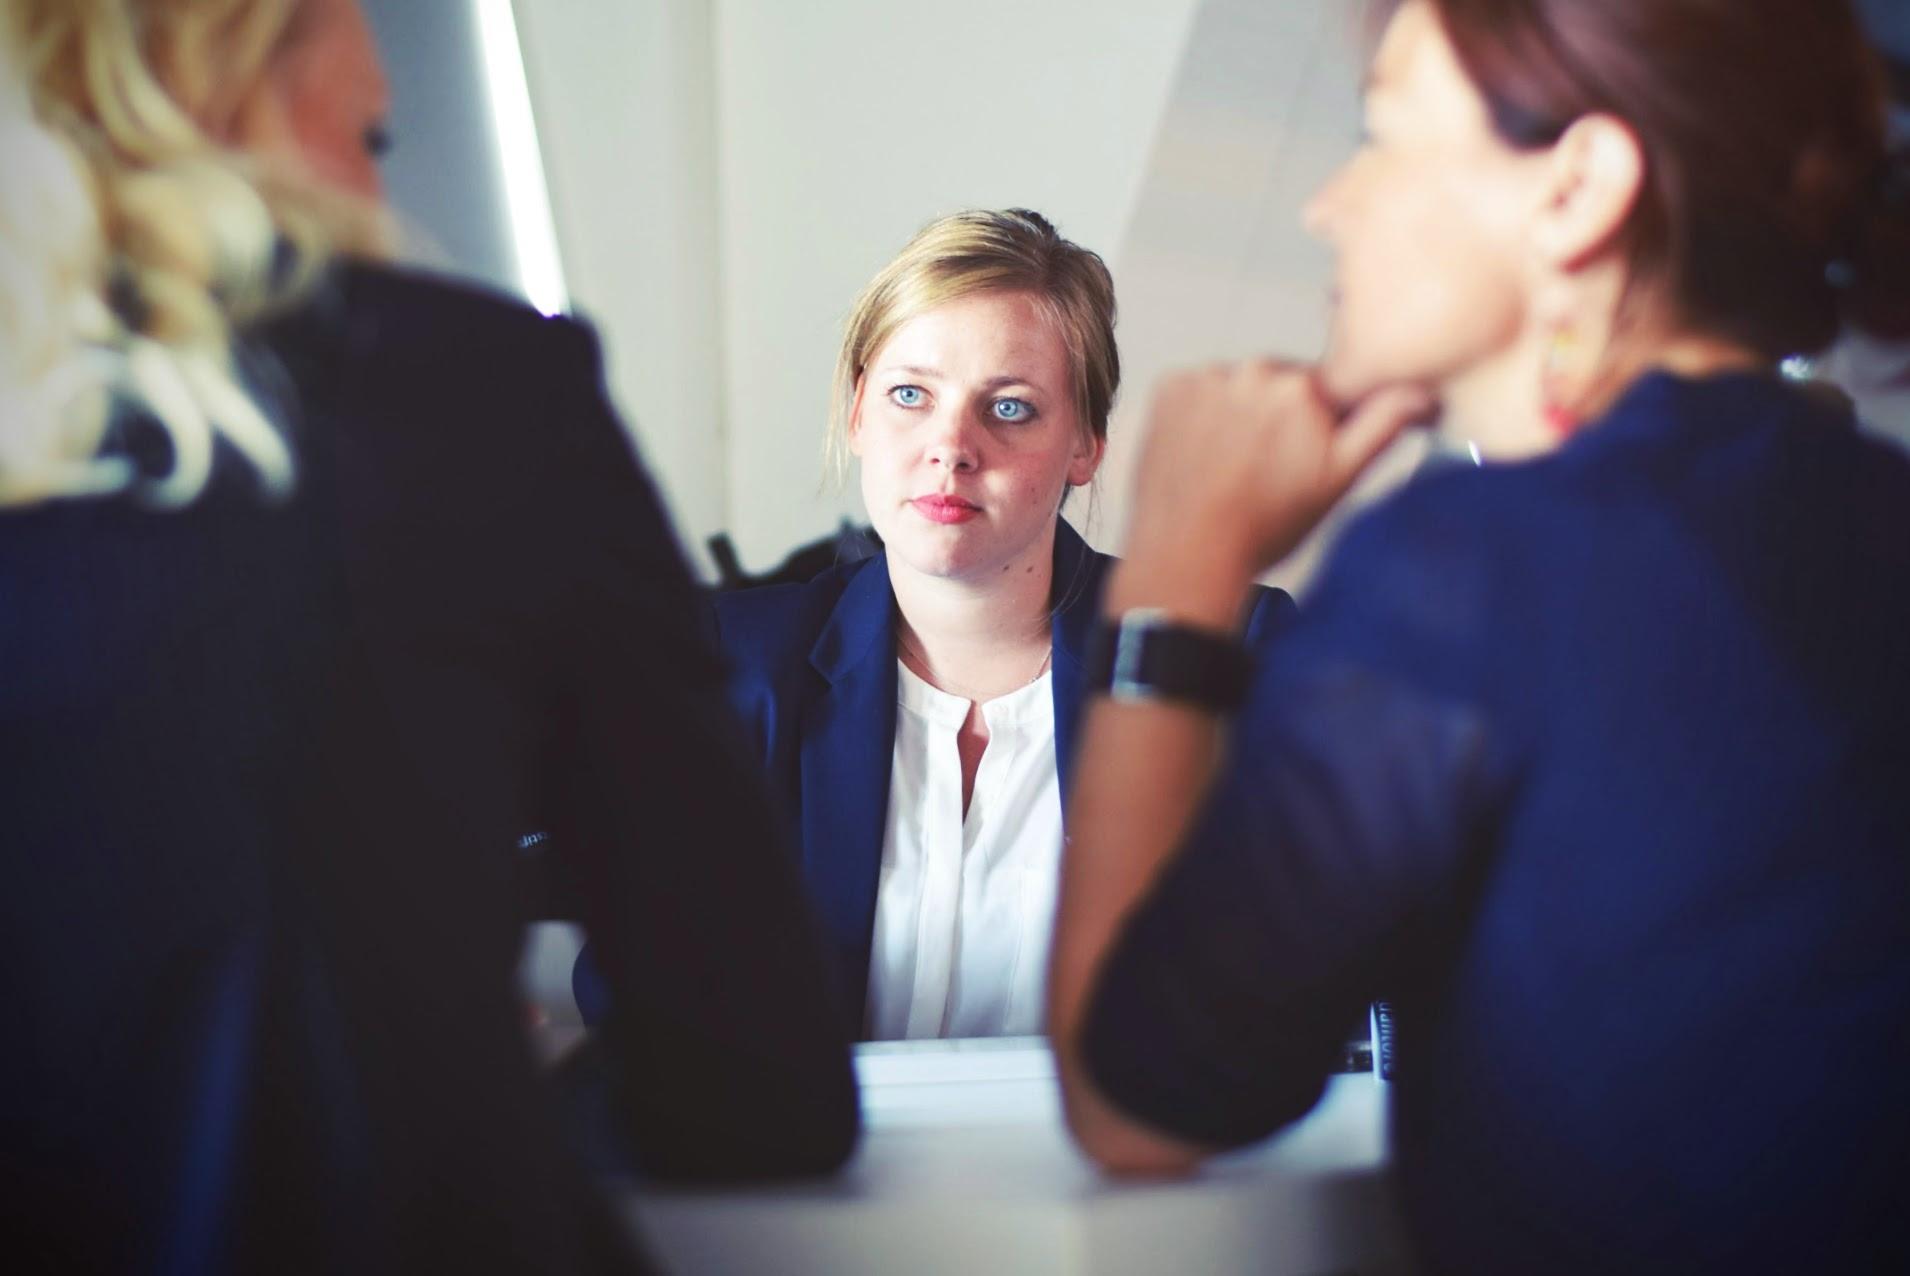 ¿Qué debes hacer después de una entrevista de trabajo? Ante todo